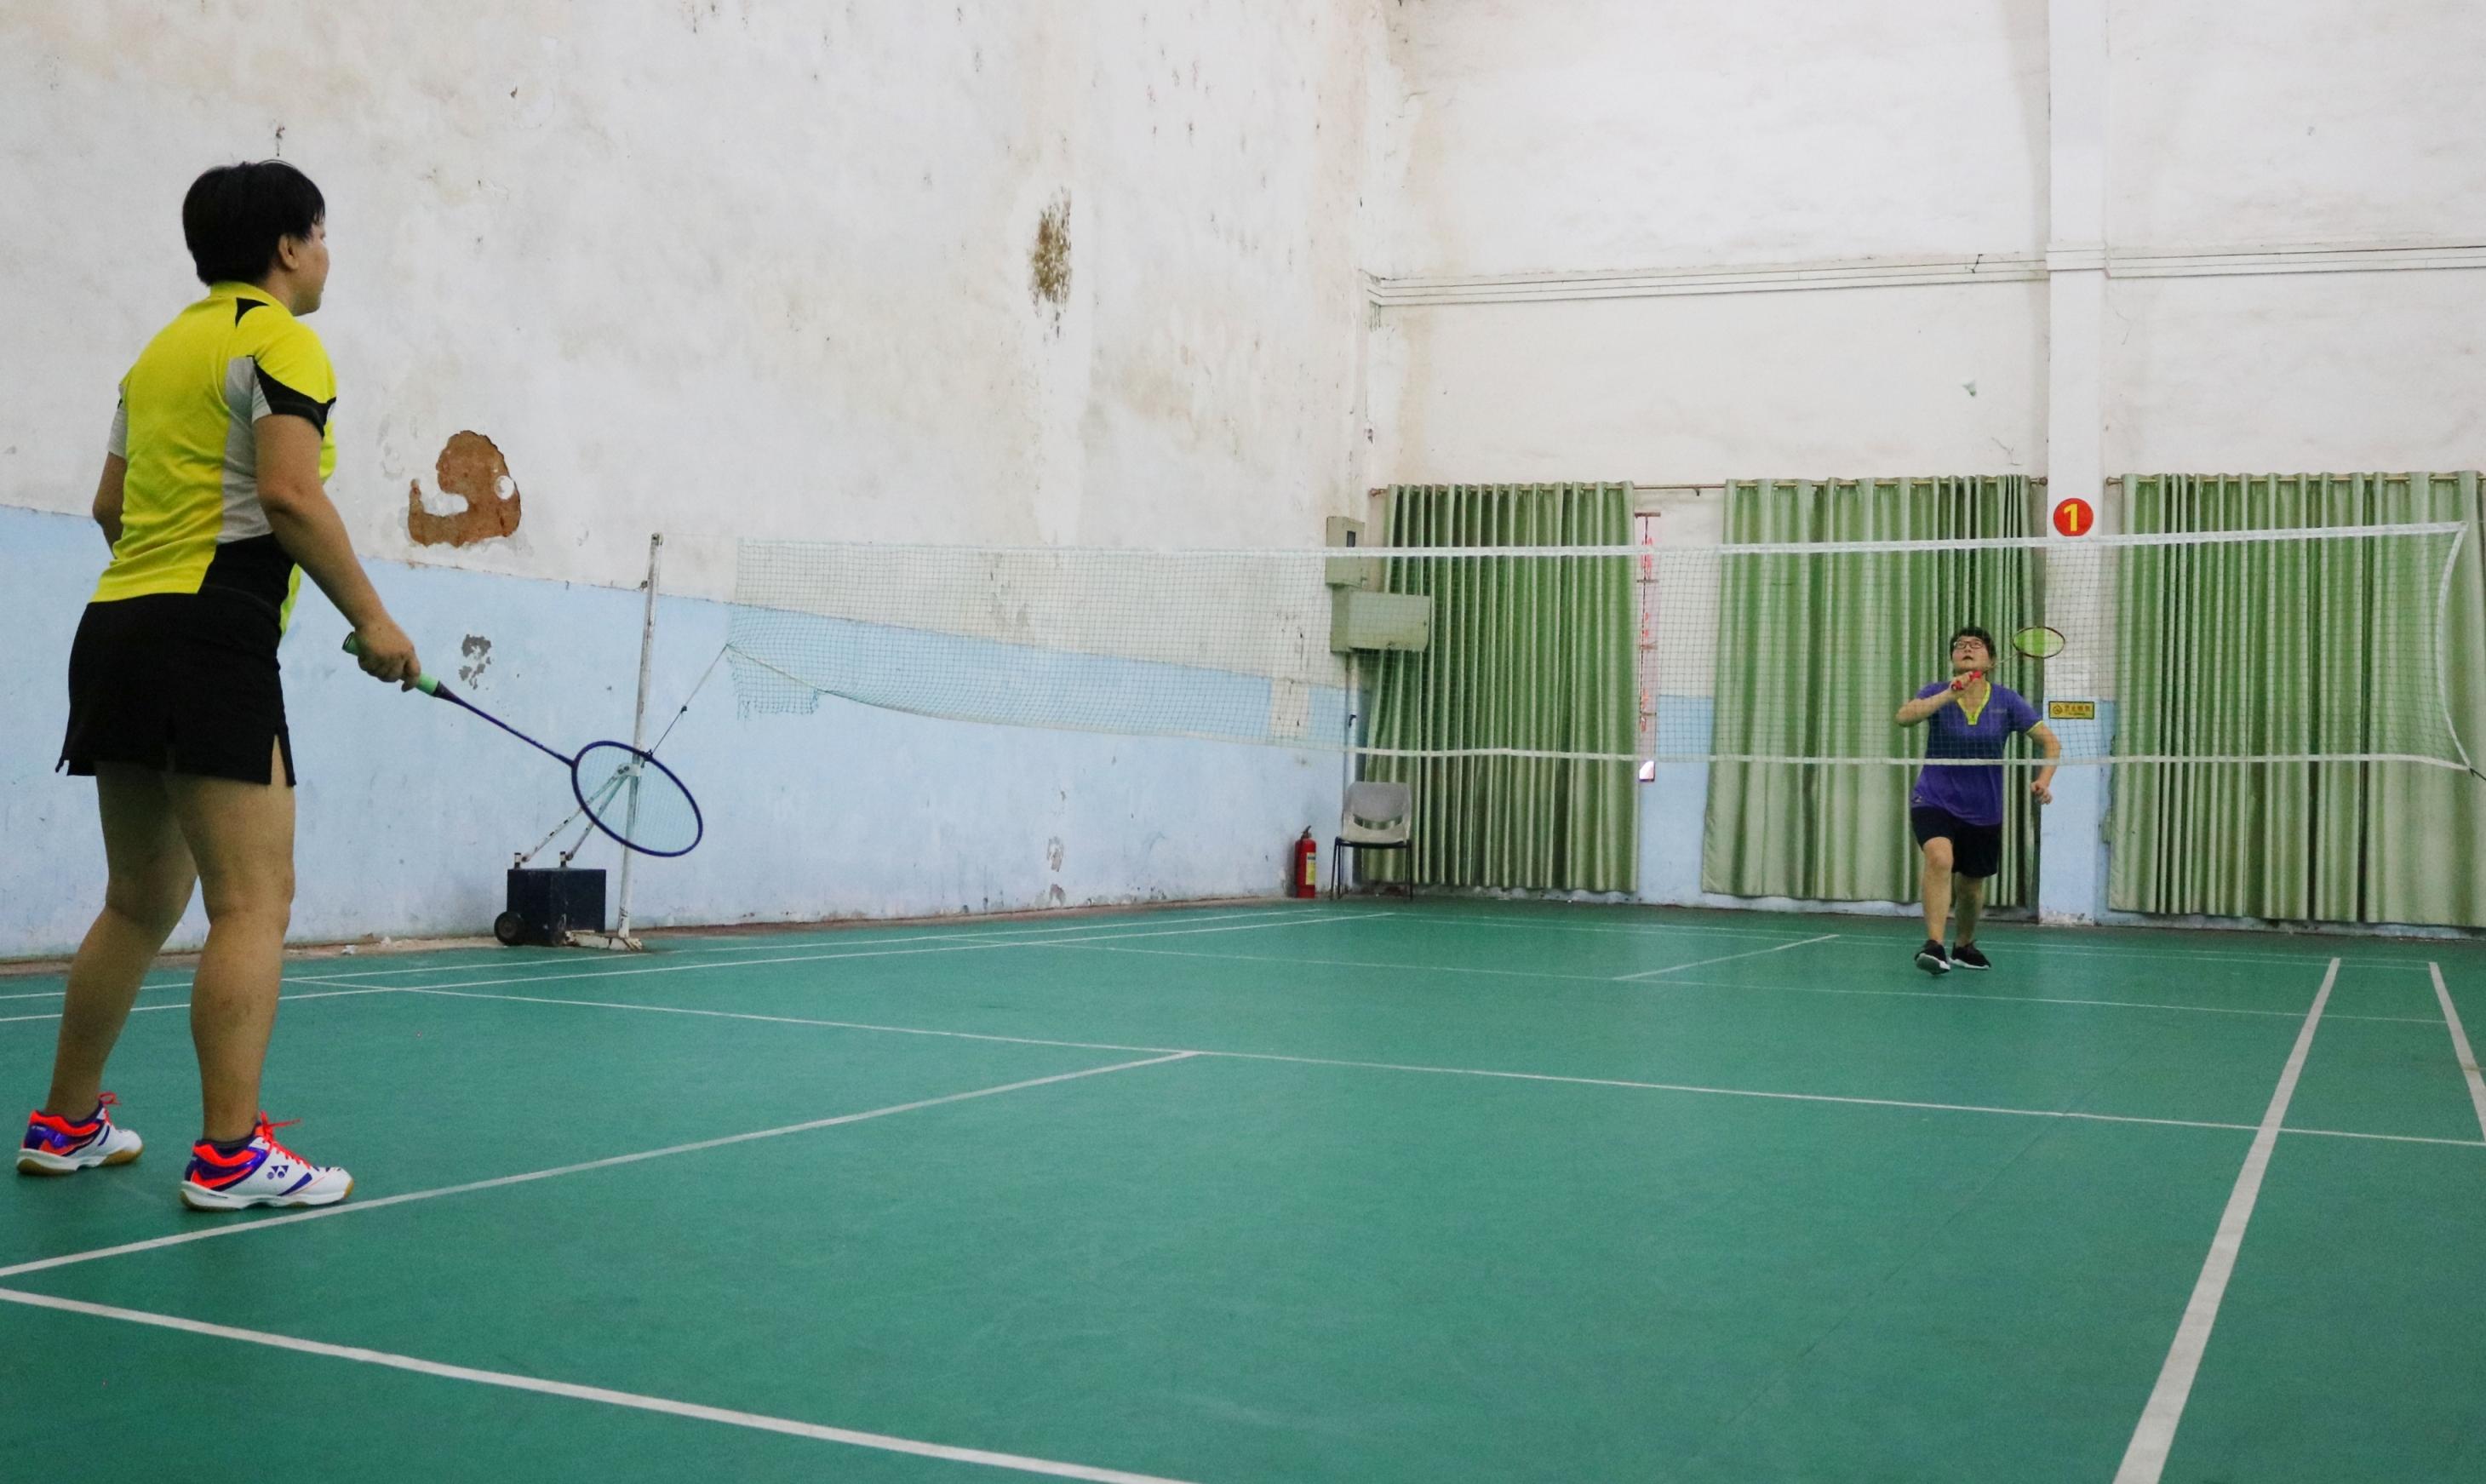 当好主人翁,建功新时代——海南师范大学教职工羽毛球赛精彩实录